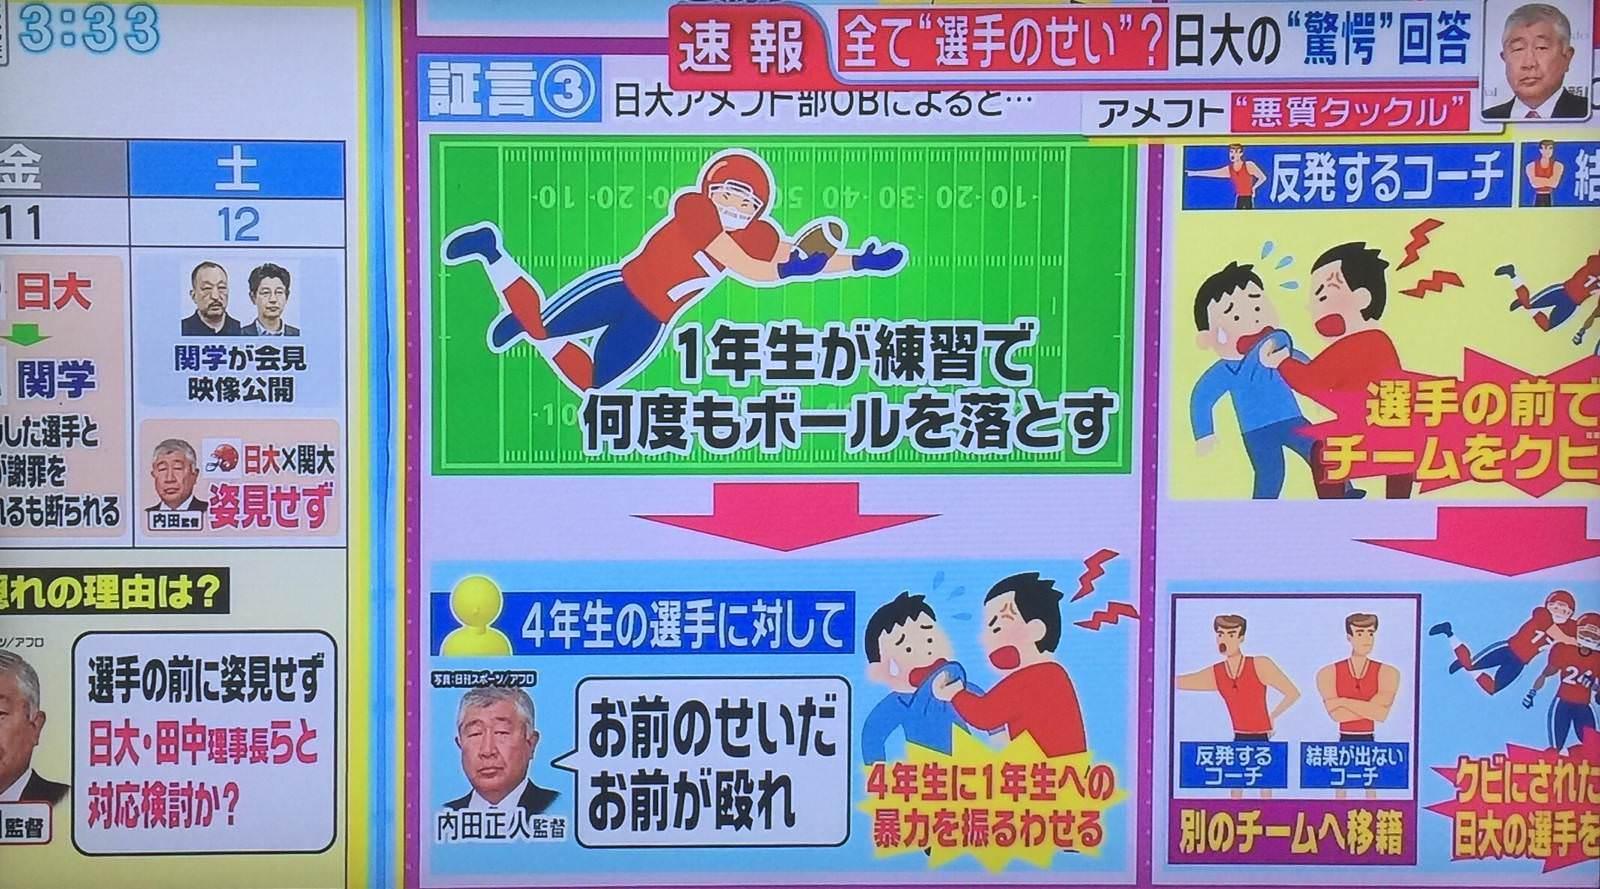 【悲報】日大アメフト内田監督、部員に暴力をふるわせていた・・・のサムネイル画像